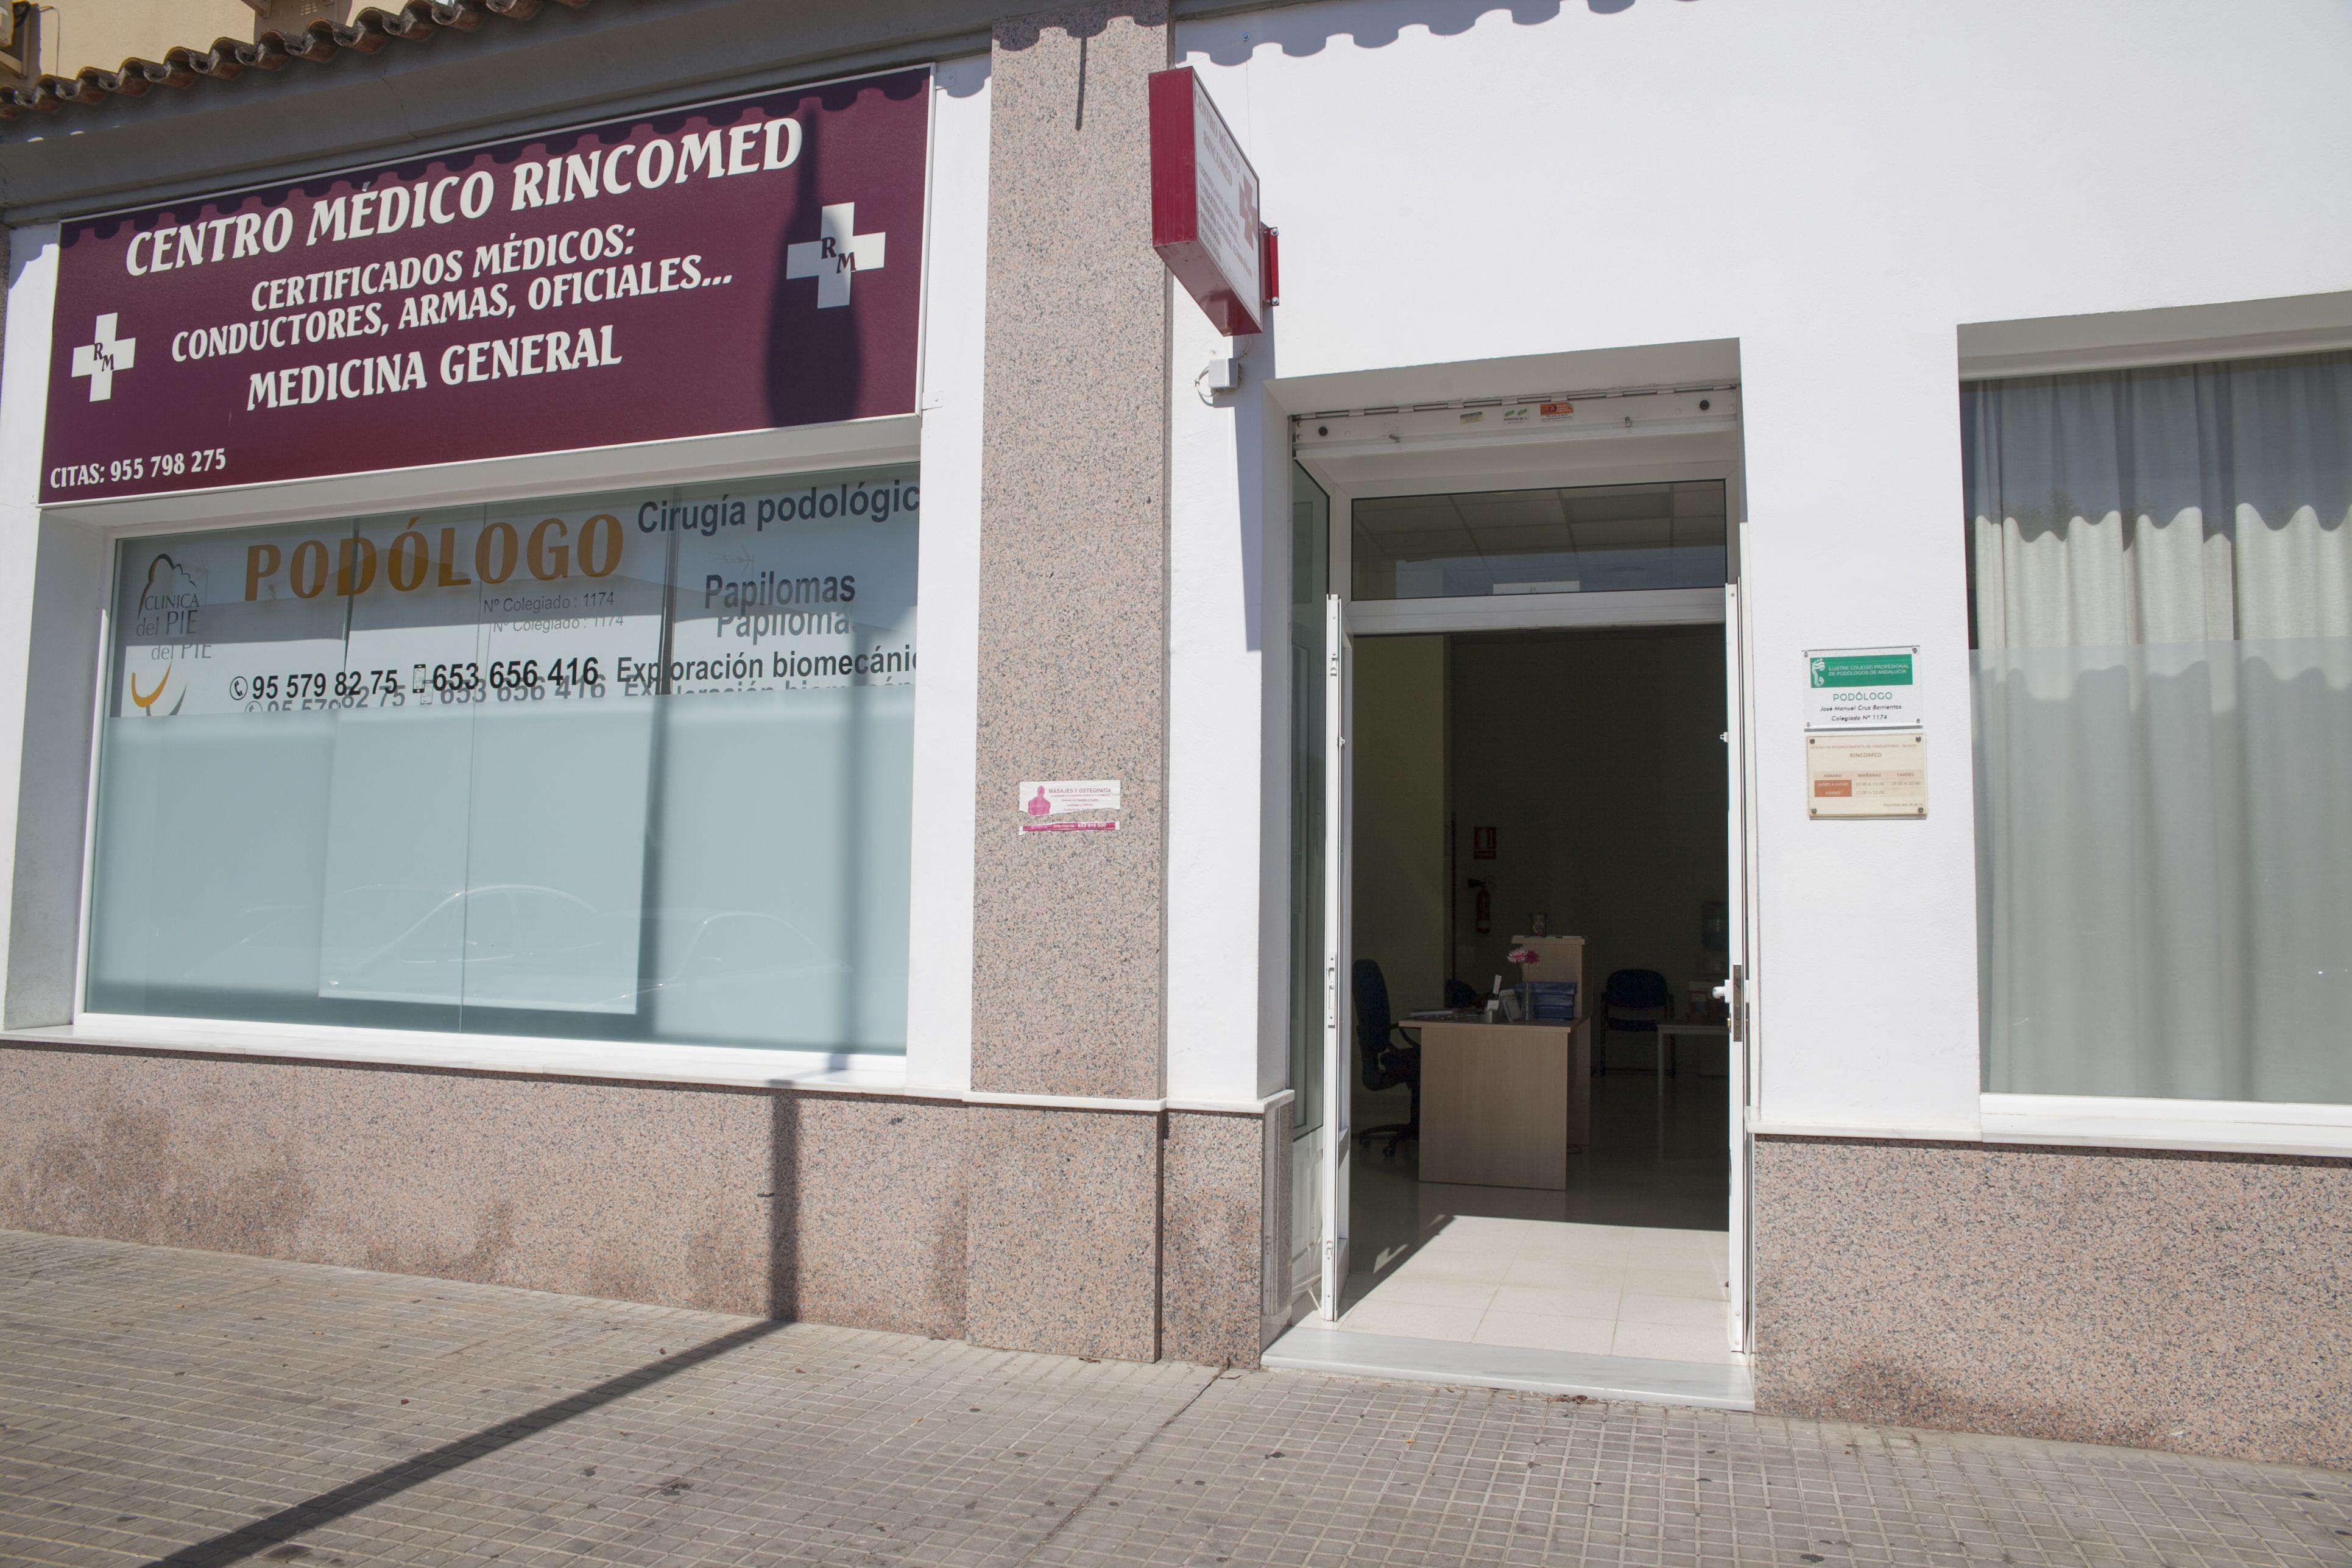 Foto 1 de Reconocimientos y certificados médicos en La Rinconada | Rincomed